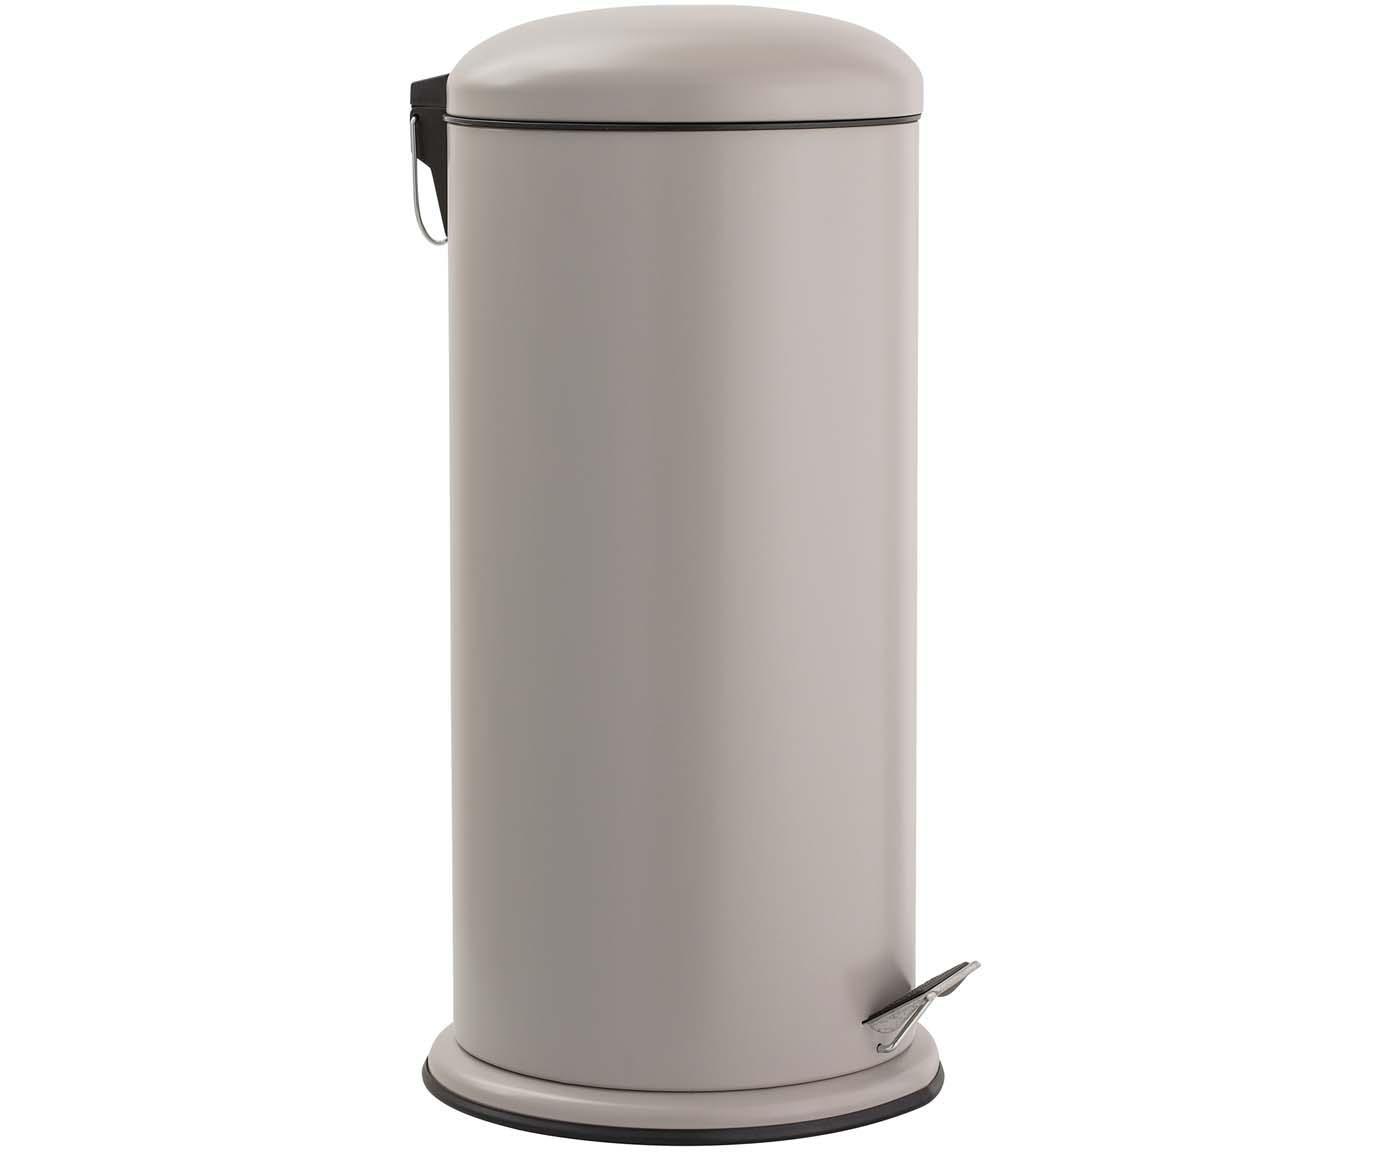 Abfalleimer Dustbin, Beige, Ø 30 x H 68 cm